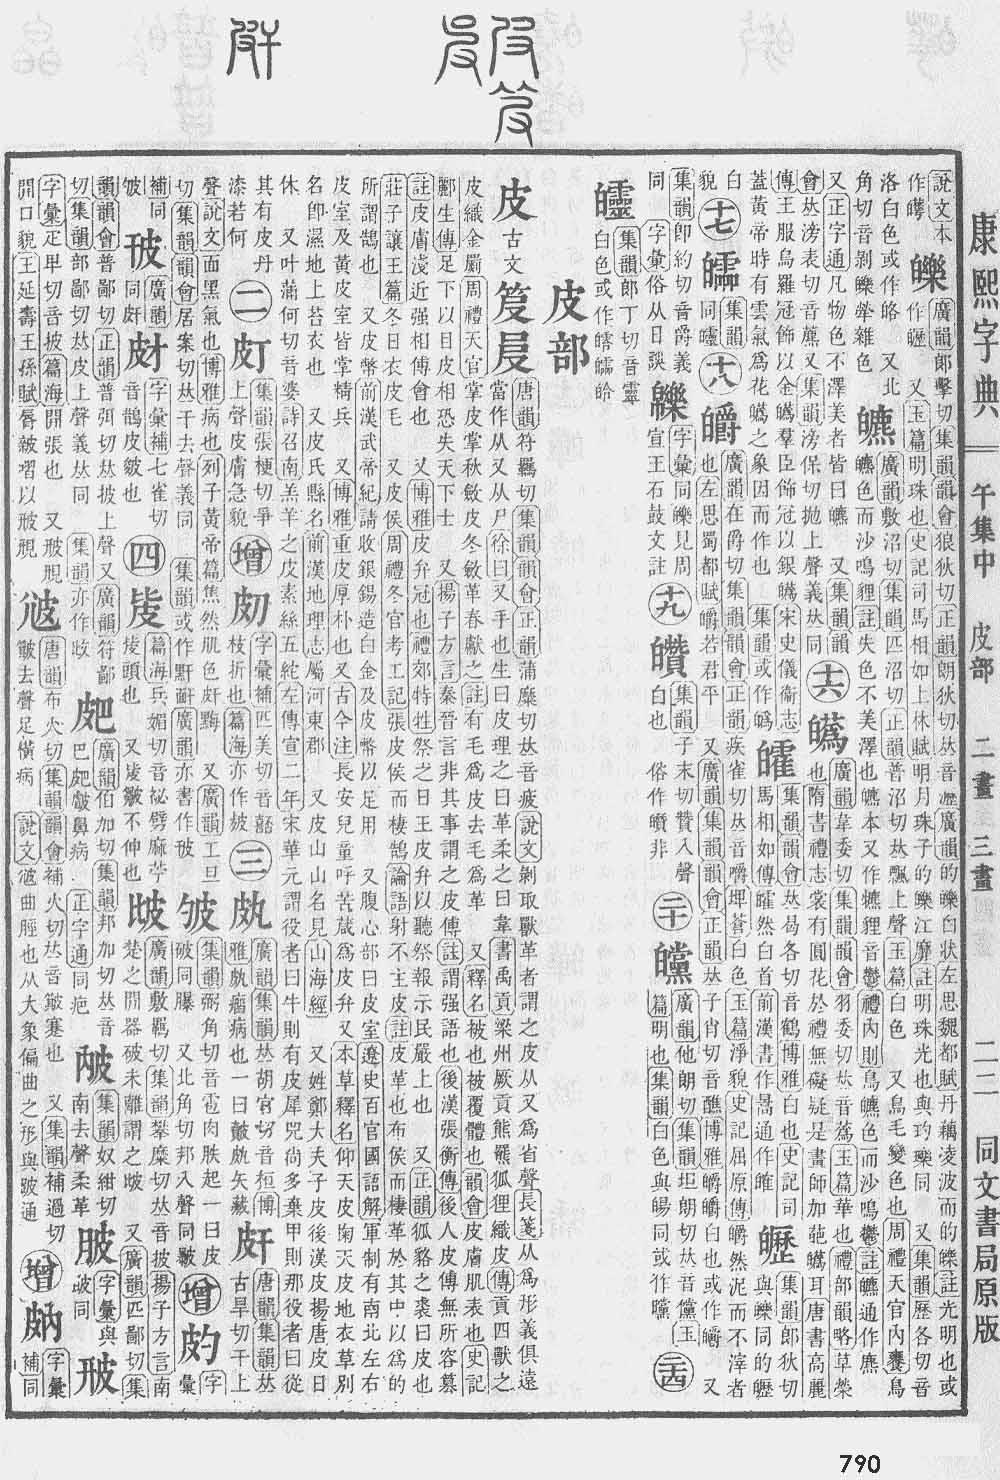 《康熙字典》第790页